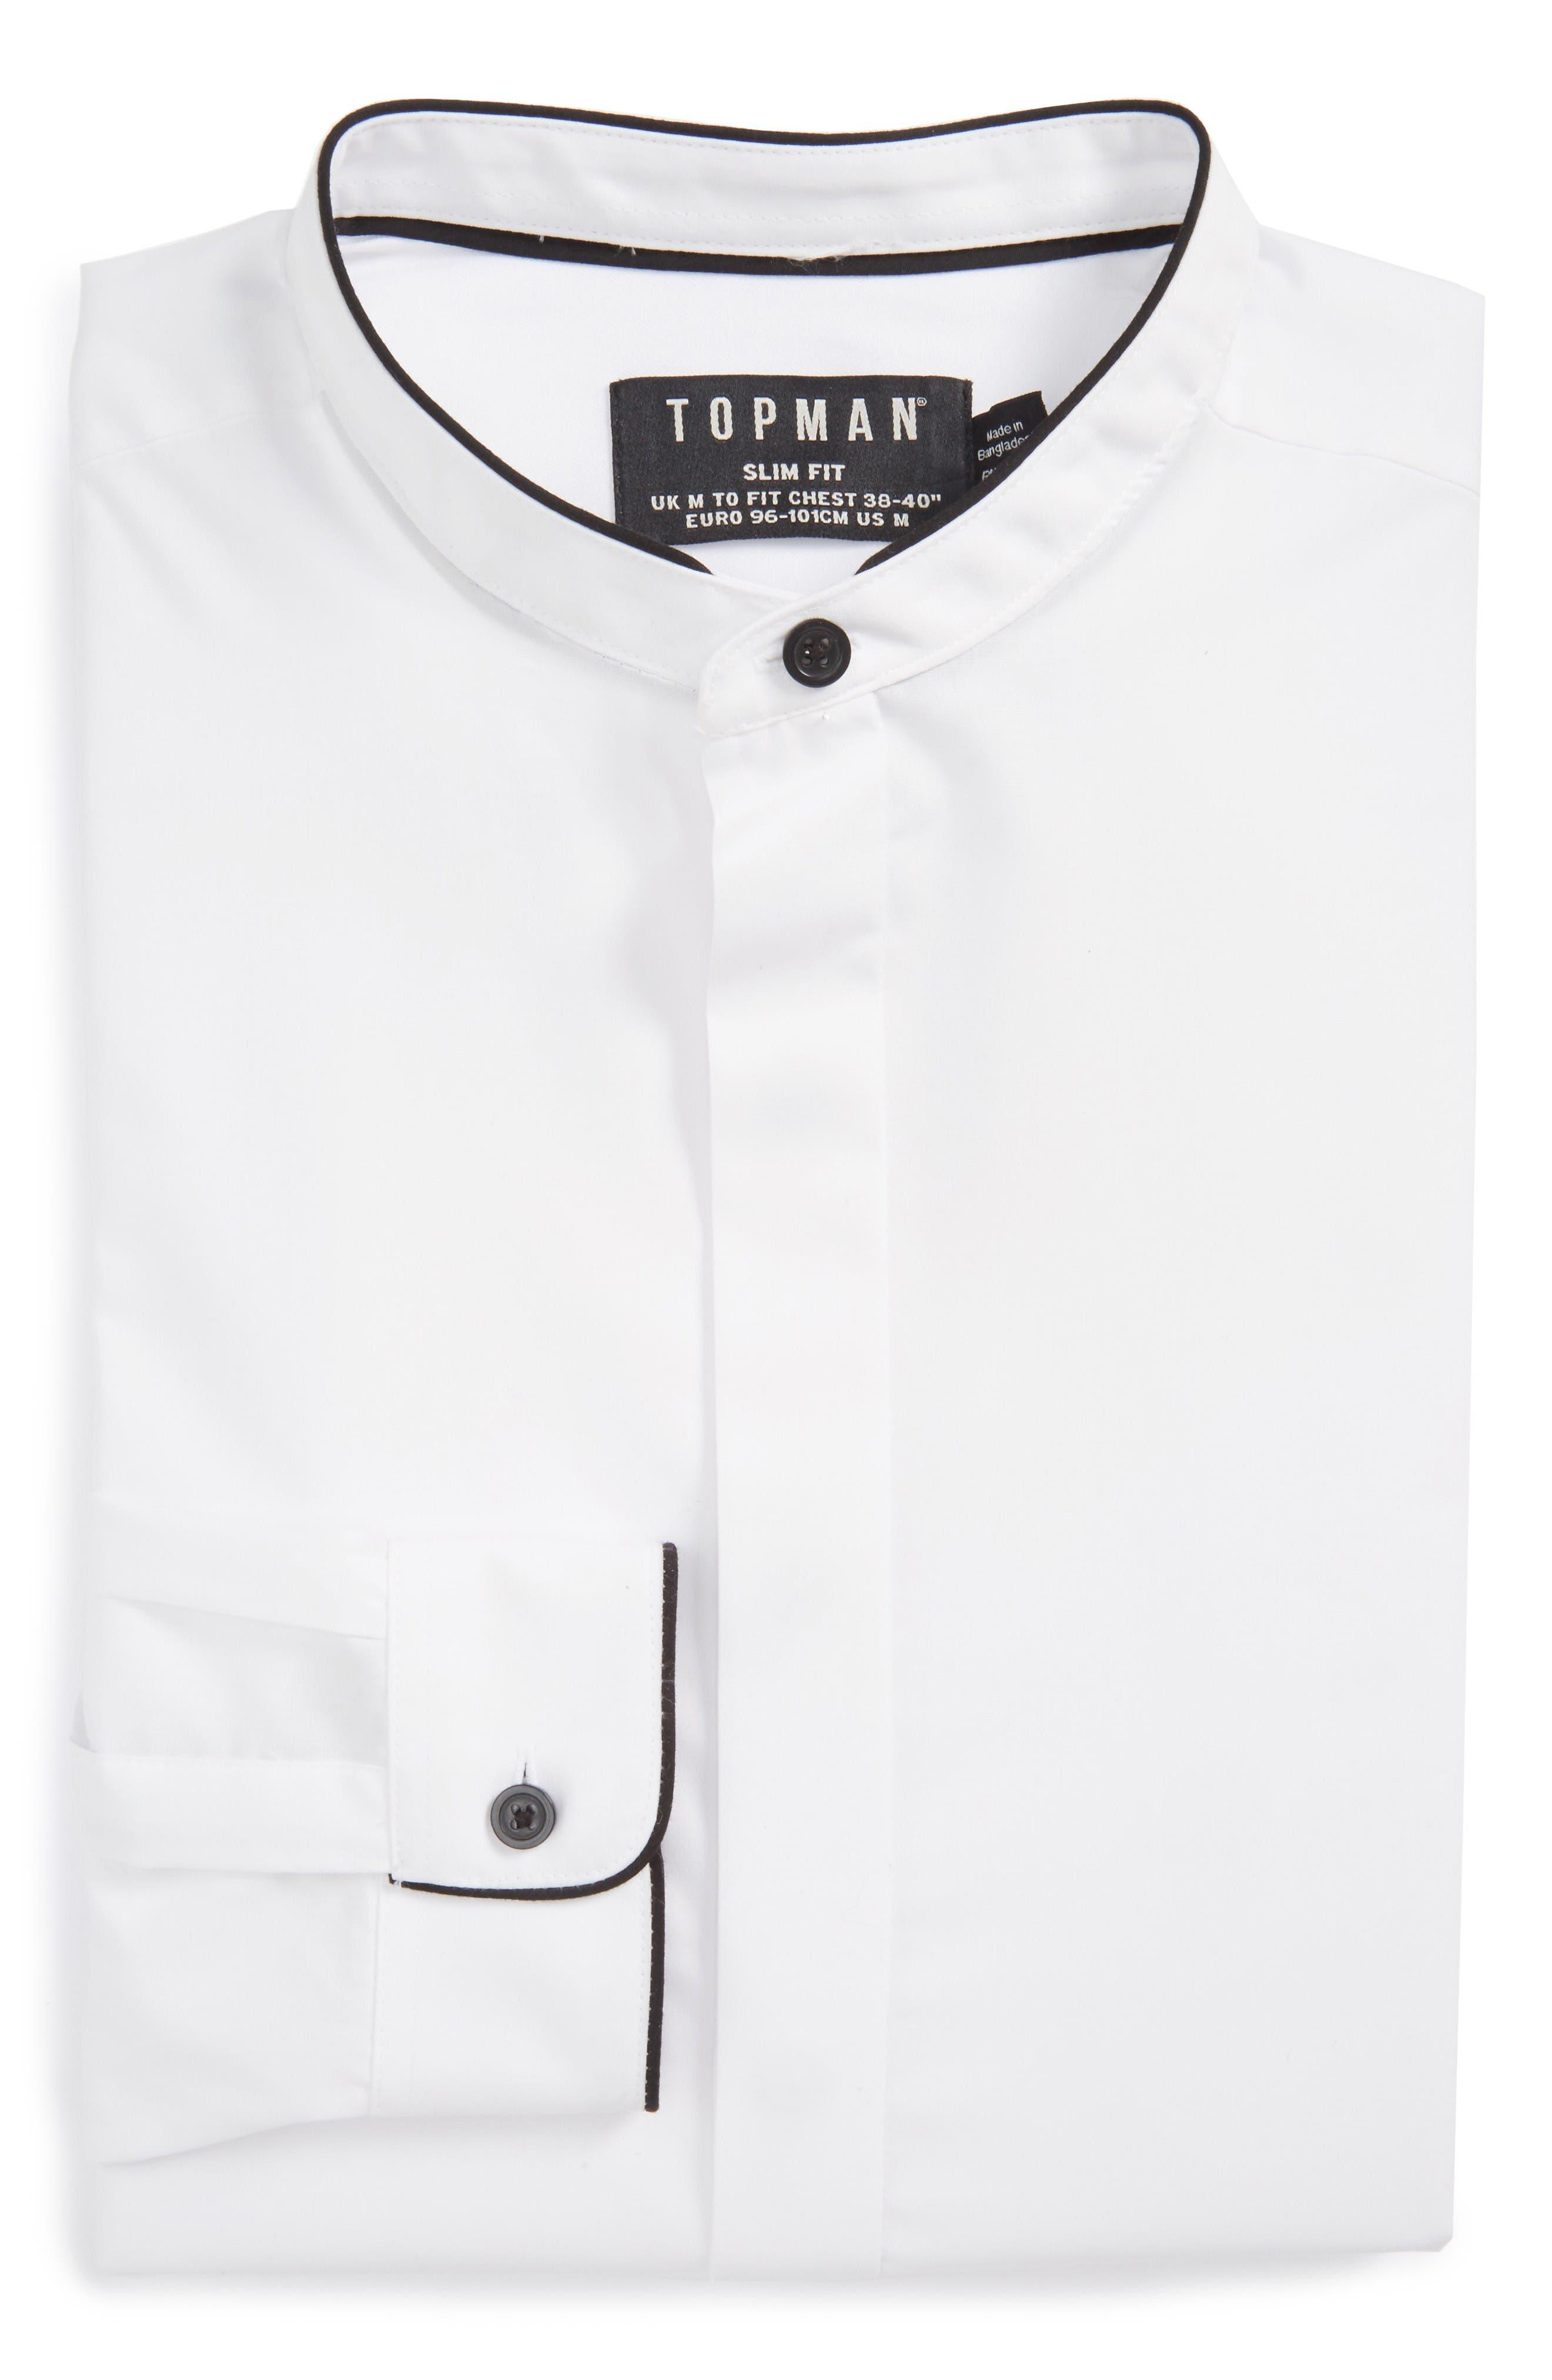 Alternate Image 1 Selected - Topman Slim Fit Band Collar Dress Shirt